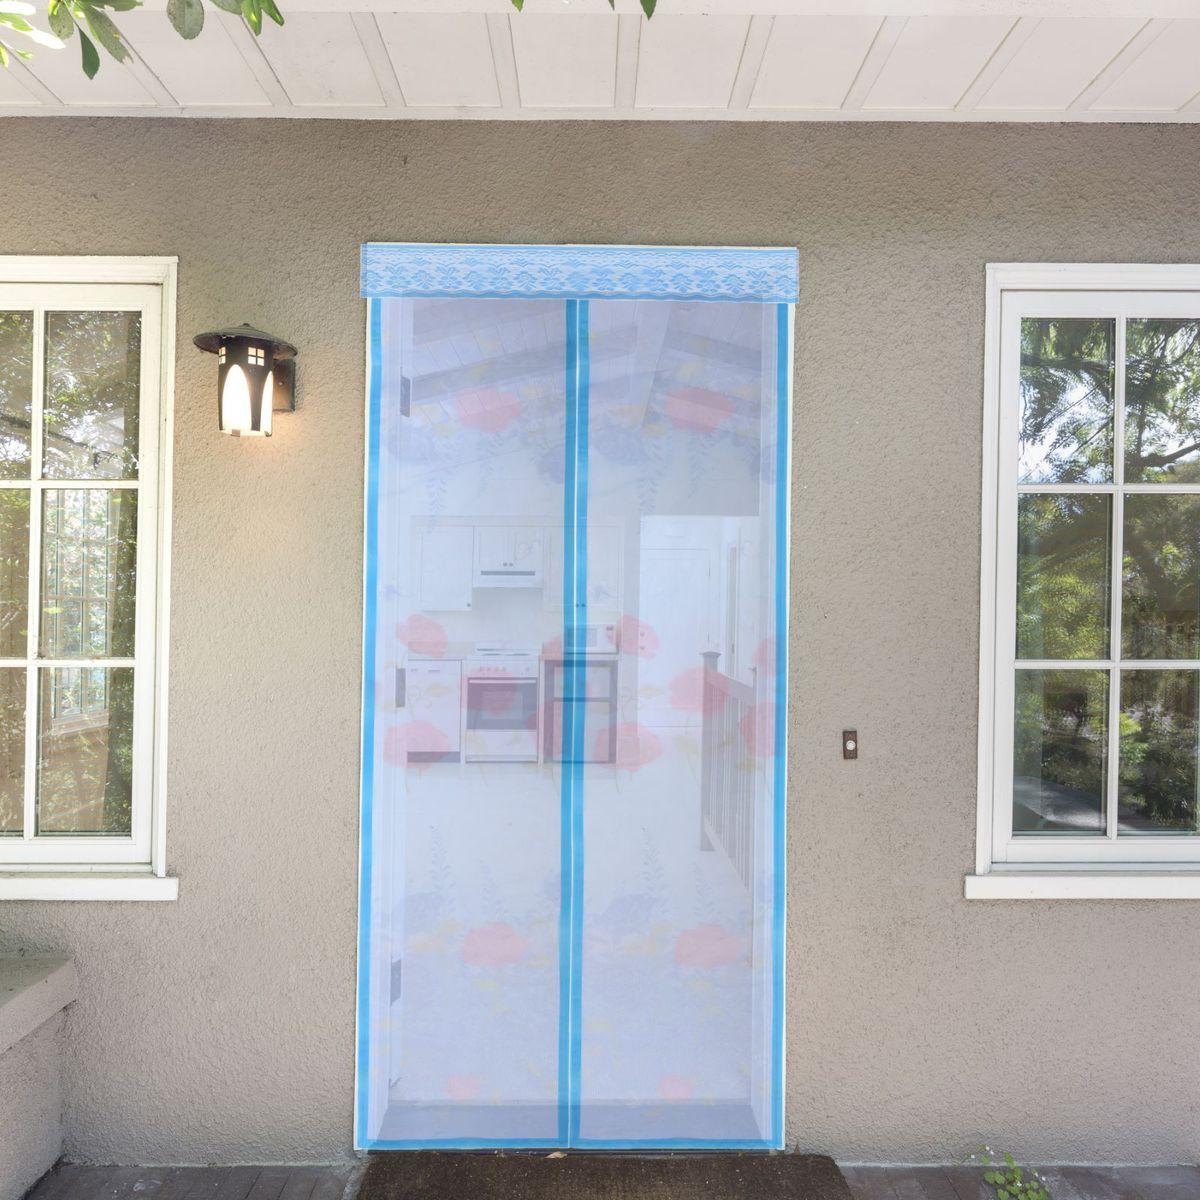 Сетка антимоскитная Цветы, на магнитной ленте, цвет: голубой, 80 х 210 см6.295-875.0Сетка антимоскитная Цветы от насекомых на магнитной ленте универсальна в использовании: подвесьте ее при входе в садовый дом или балкон, чтобы предотвратить попадание комаров внутрь жилища. Наслаждайтесь свежим воздухом без компании надоедливых насекомых.Чтобы зафиксировать занавес в дверном проеме, достаточно закрепить занавеску по периметру двери с помощью кнопок, идущих в комплекте.В комплект входит: полиэстеровая сетка-штора (80 x 210 см), магнитная лента и крепёжные крючки.Принцип действия занавеса предельно прост: каждый раз, когда вы будете проходить сквозь шторы, они автоматически захлопнутся за вами благодаря магнитам, расположенным по всей его длине.